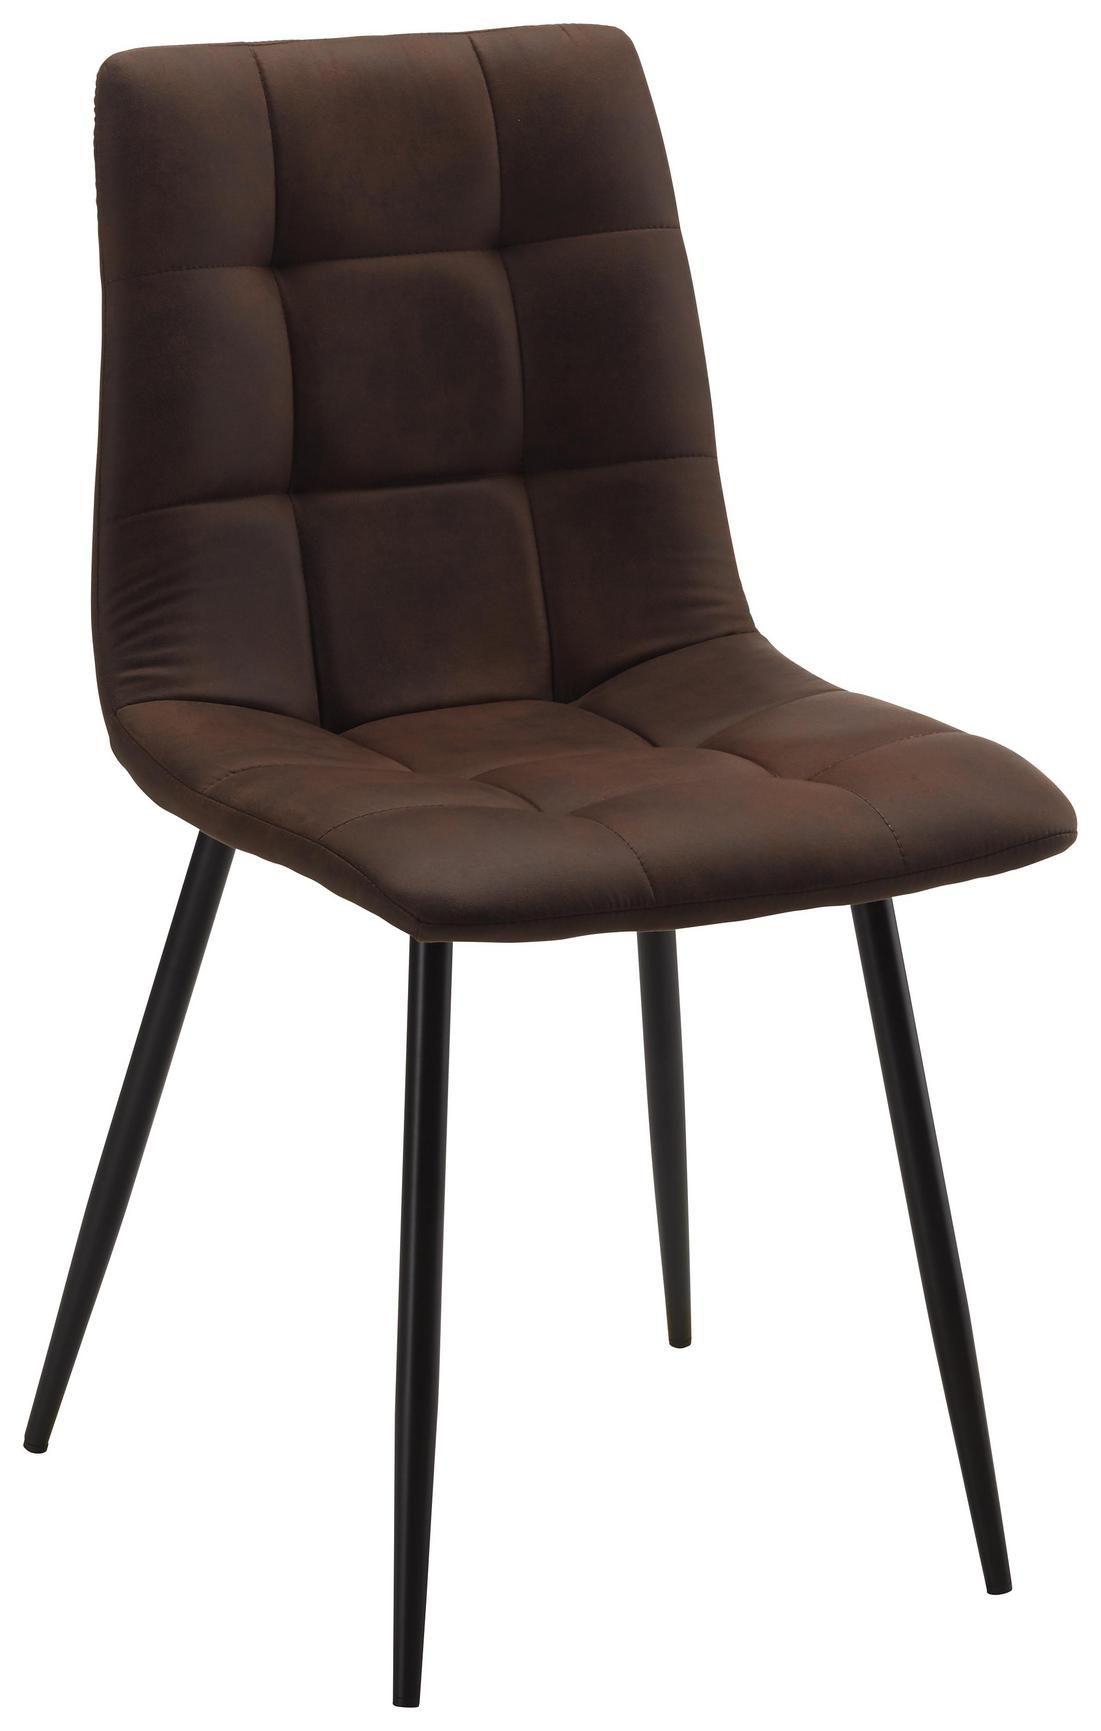 stuhl braun schwarz online kaufen momax stuhle braun werden momax